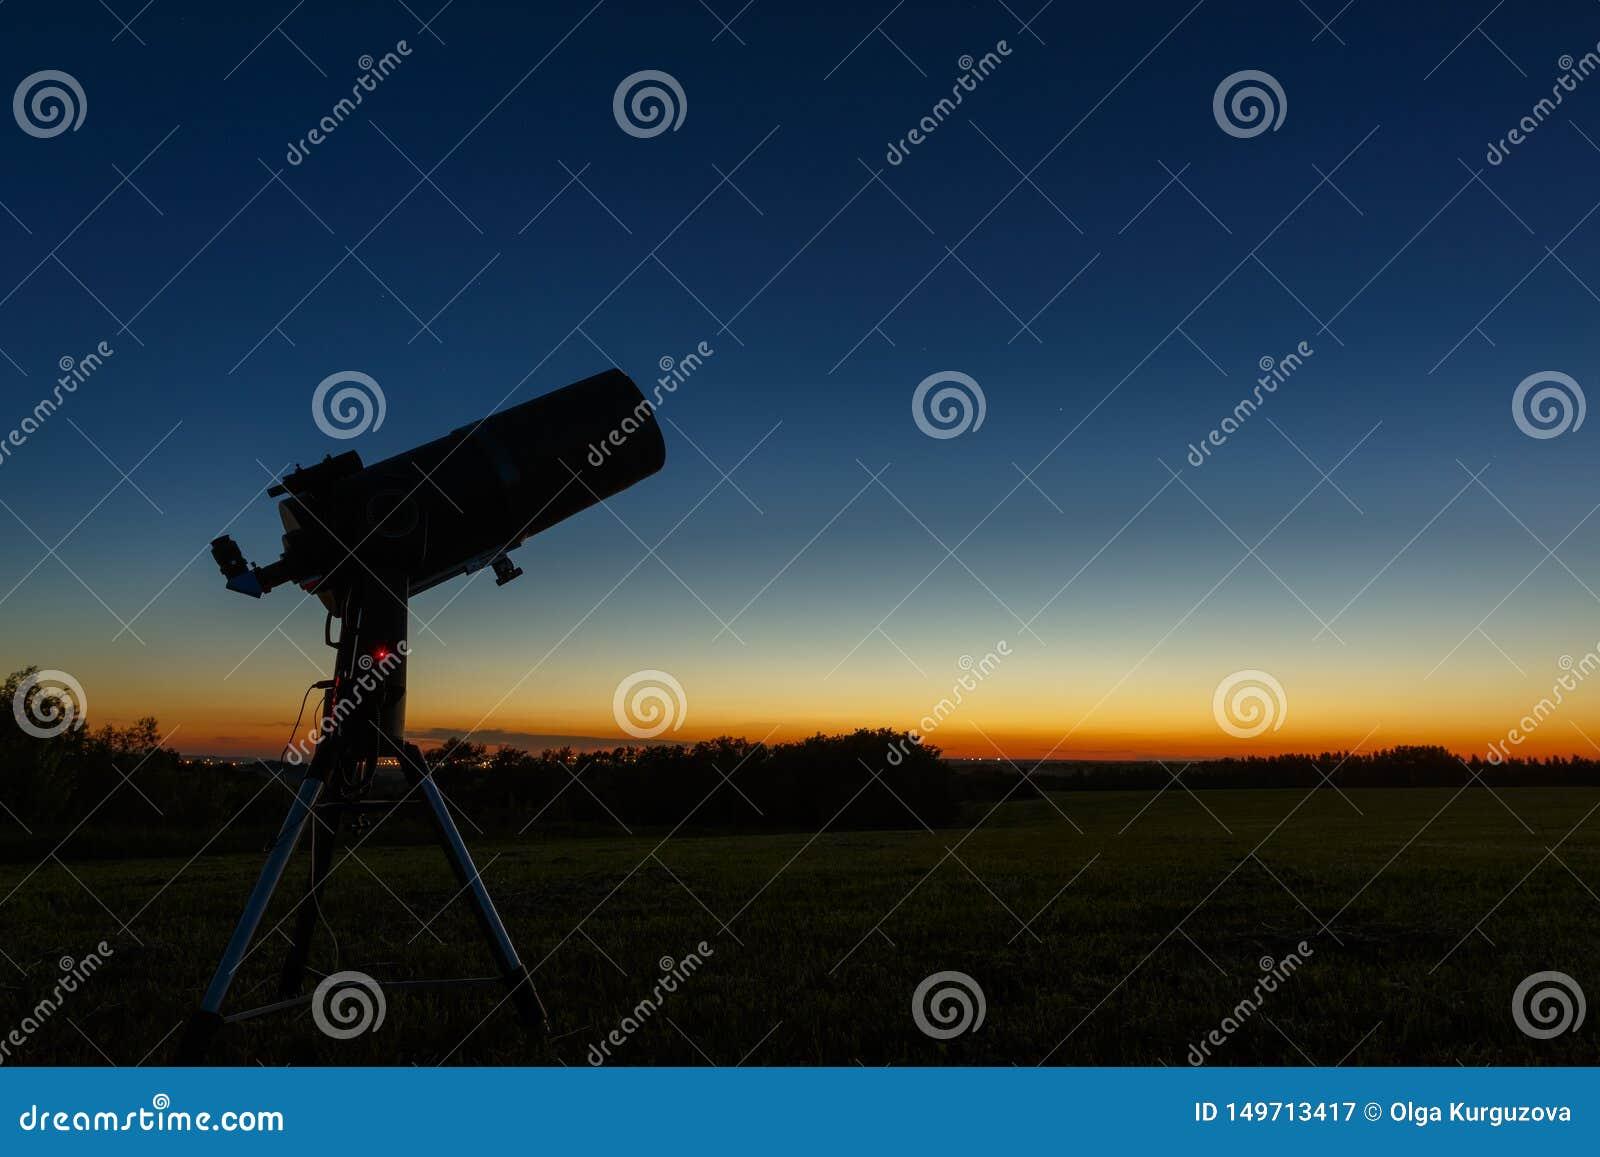 学习星和行星的望远镜为室外观察准备